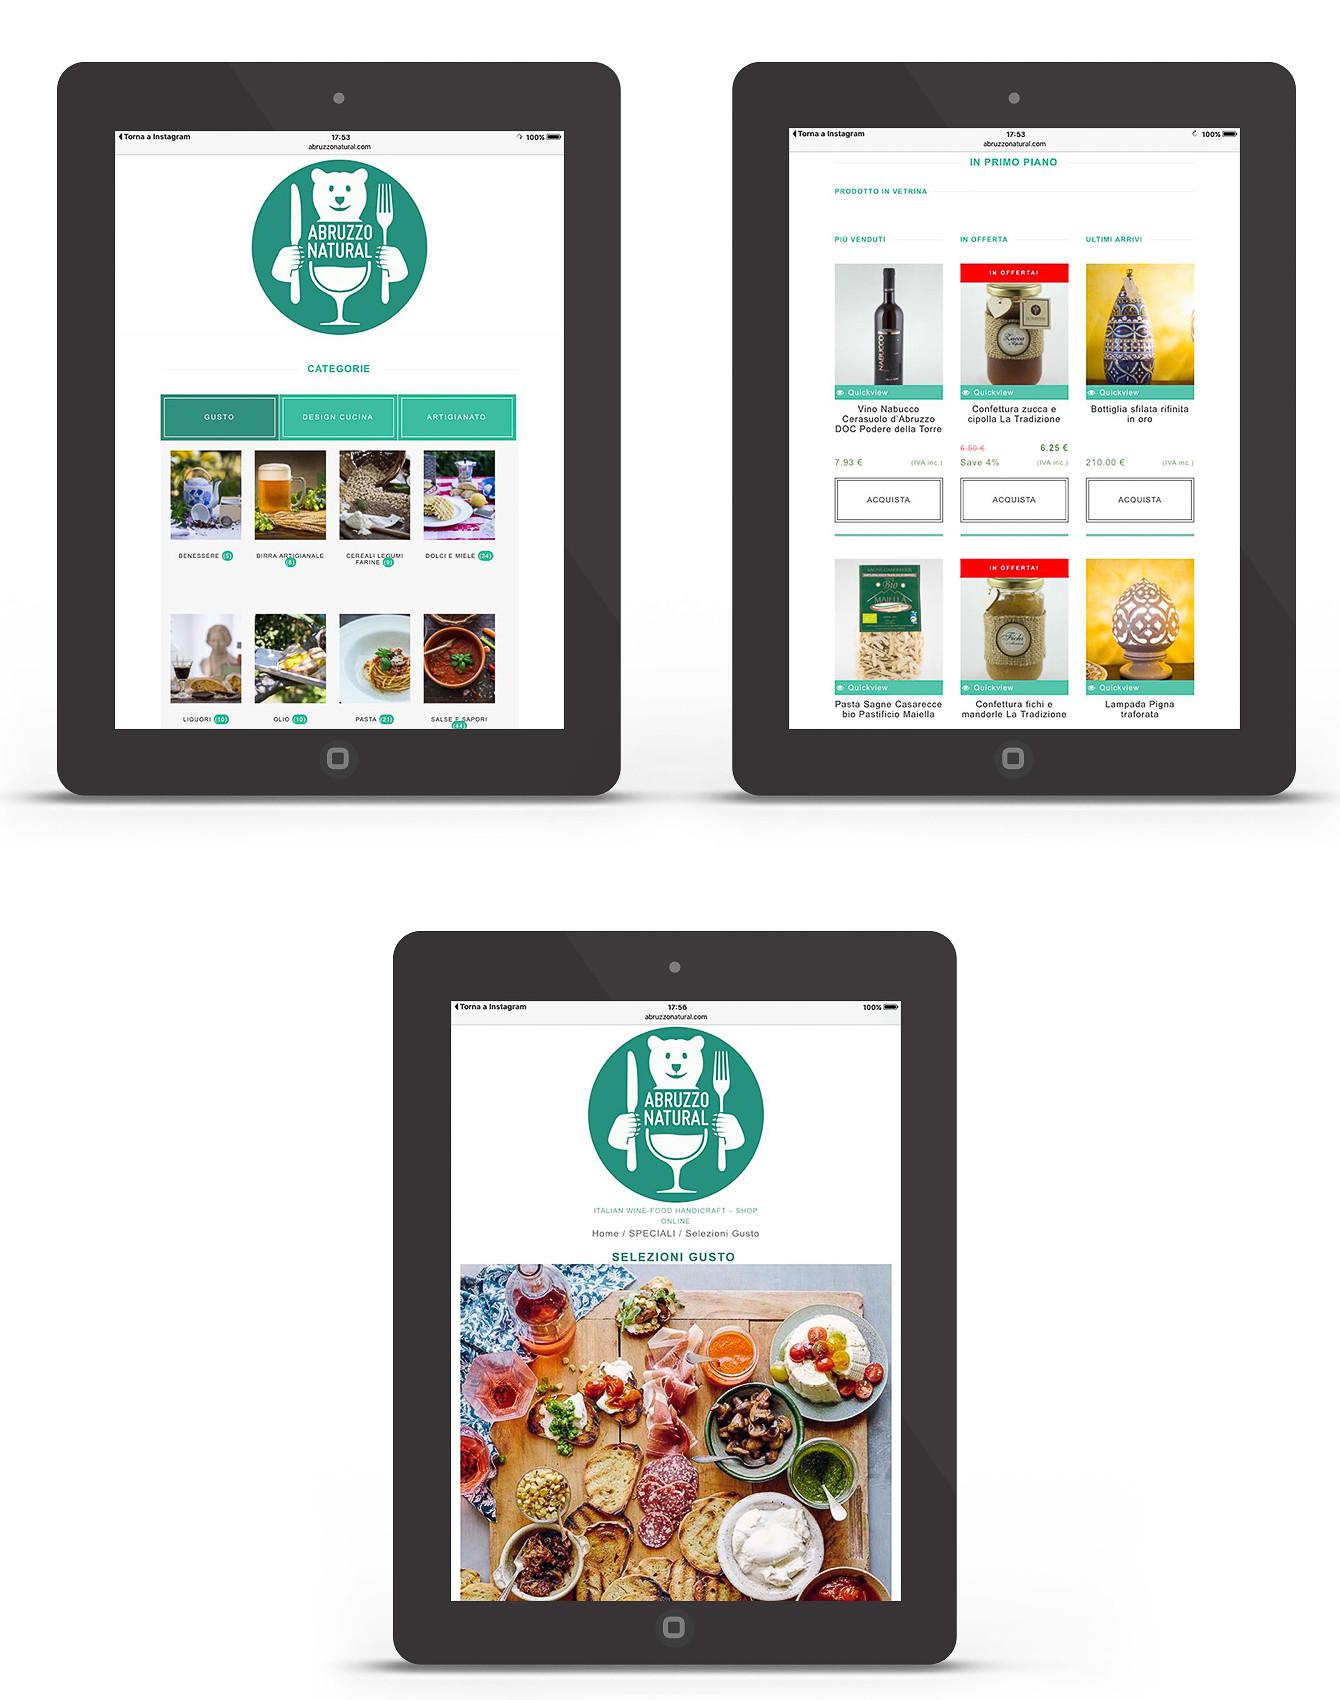 agenzia di comunicazione - web agency - sito ecommerce - responsive web - html5 - agenzia per sito ecommerce - shop online - ecommerce ipad iphone android - web design